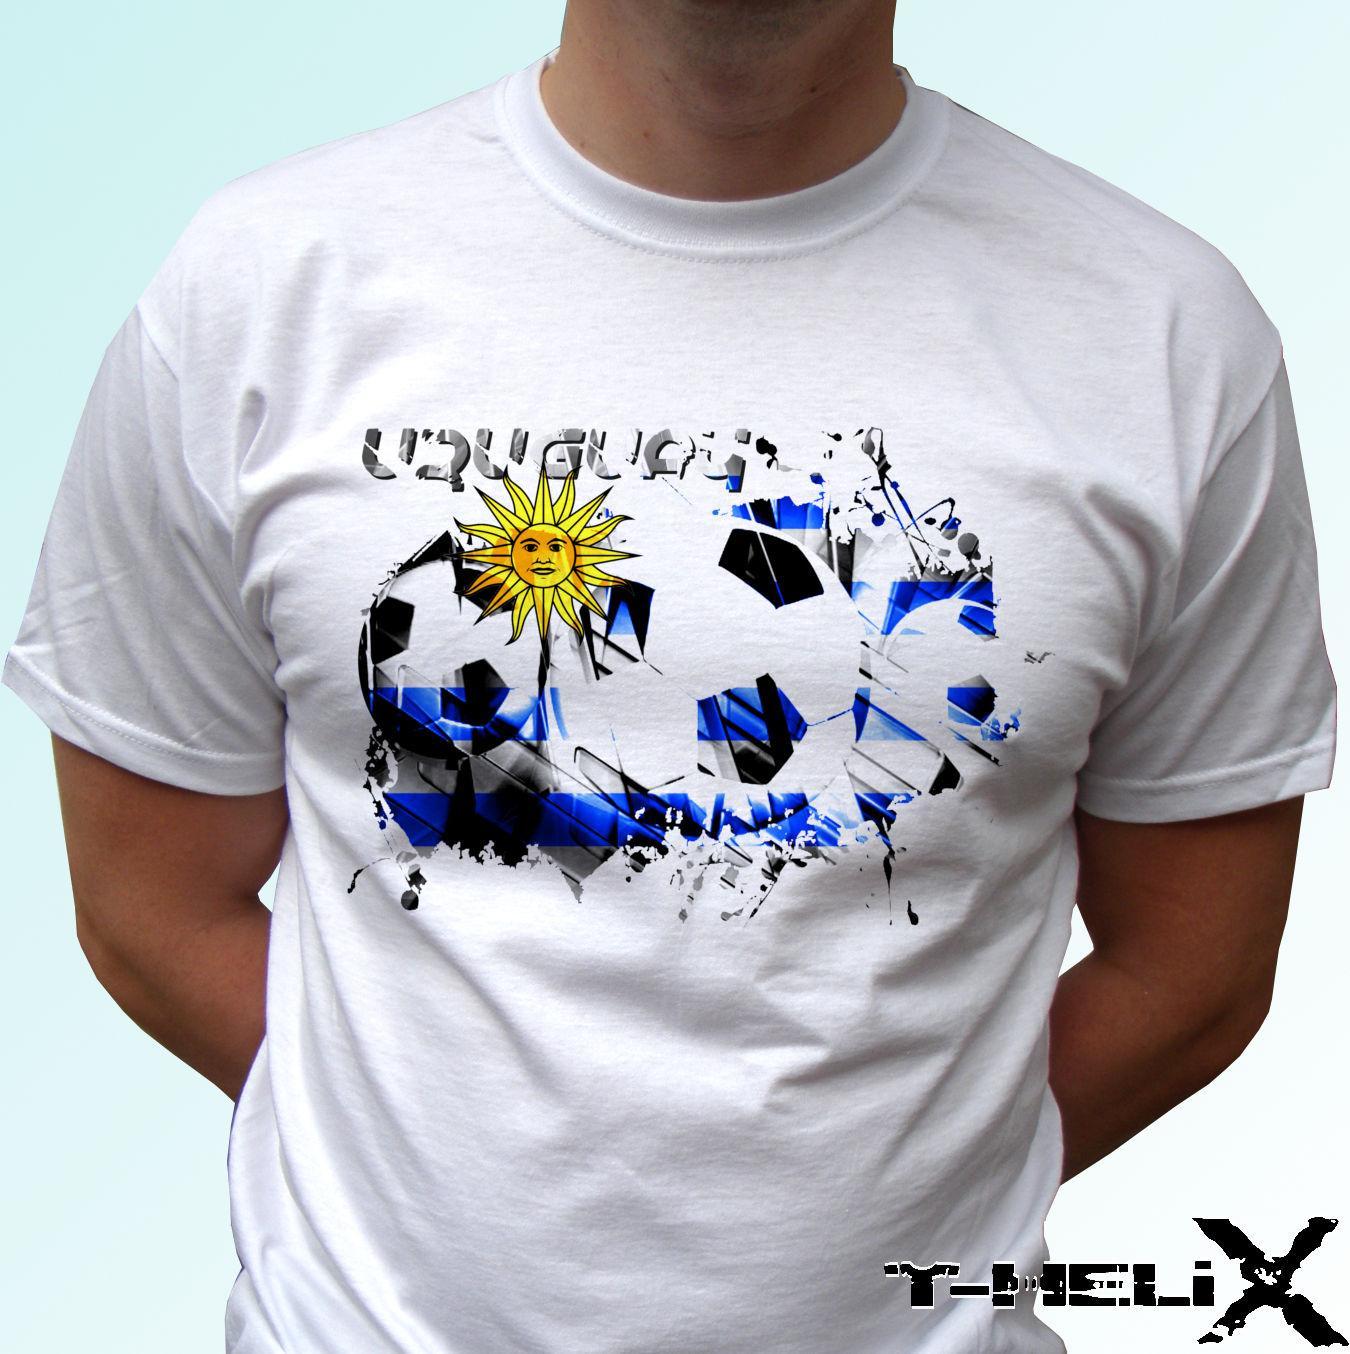 63be6b23a Compre Bandera De Fútbol De Uruguay Camiseta Blanca Camiseta De Fútbol  Superior Hombre Para Mujer Niños Bebé Cool Casual Pride Camiseta Hombre  Unisex Nuevo ...